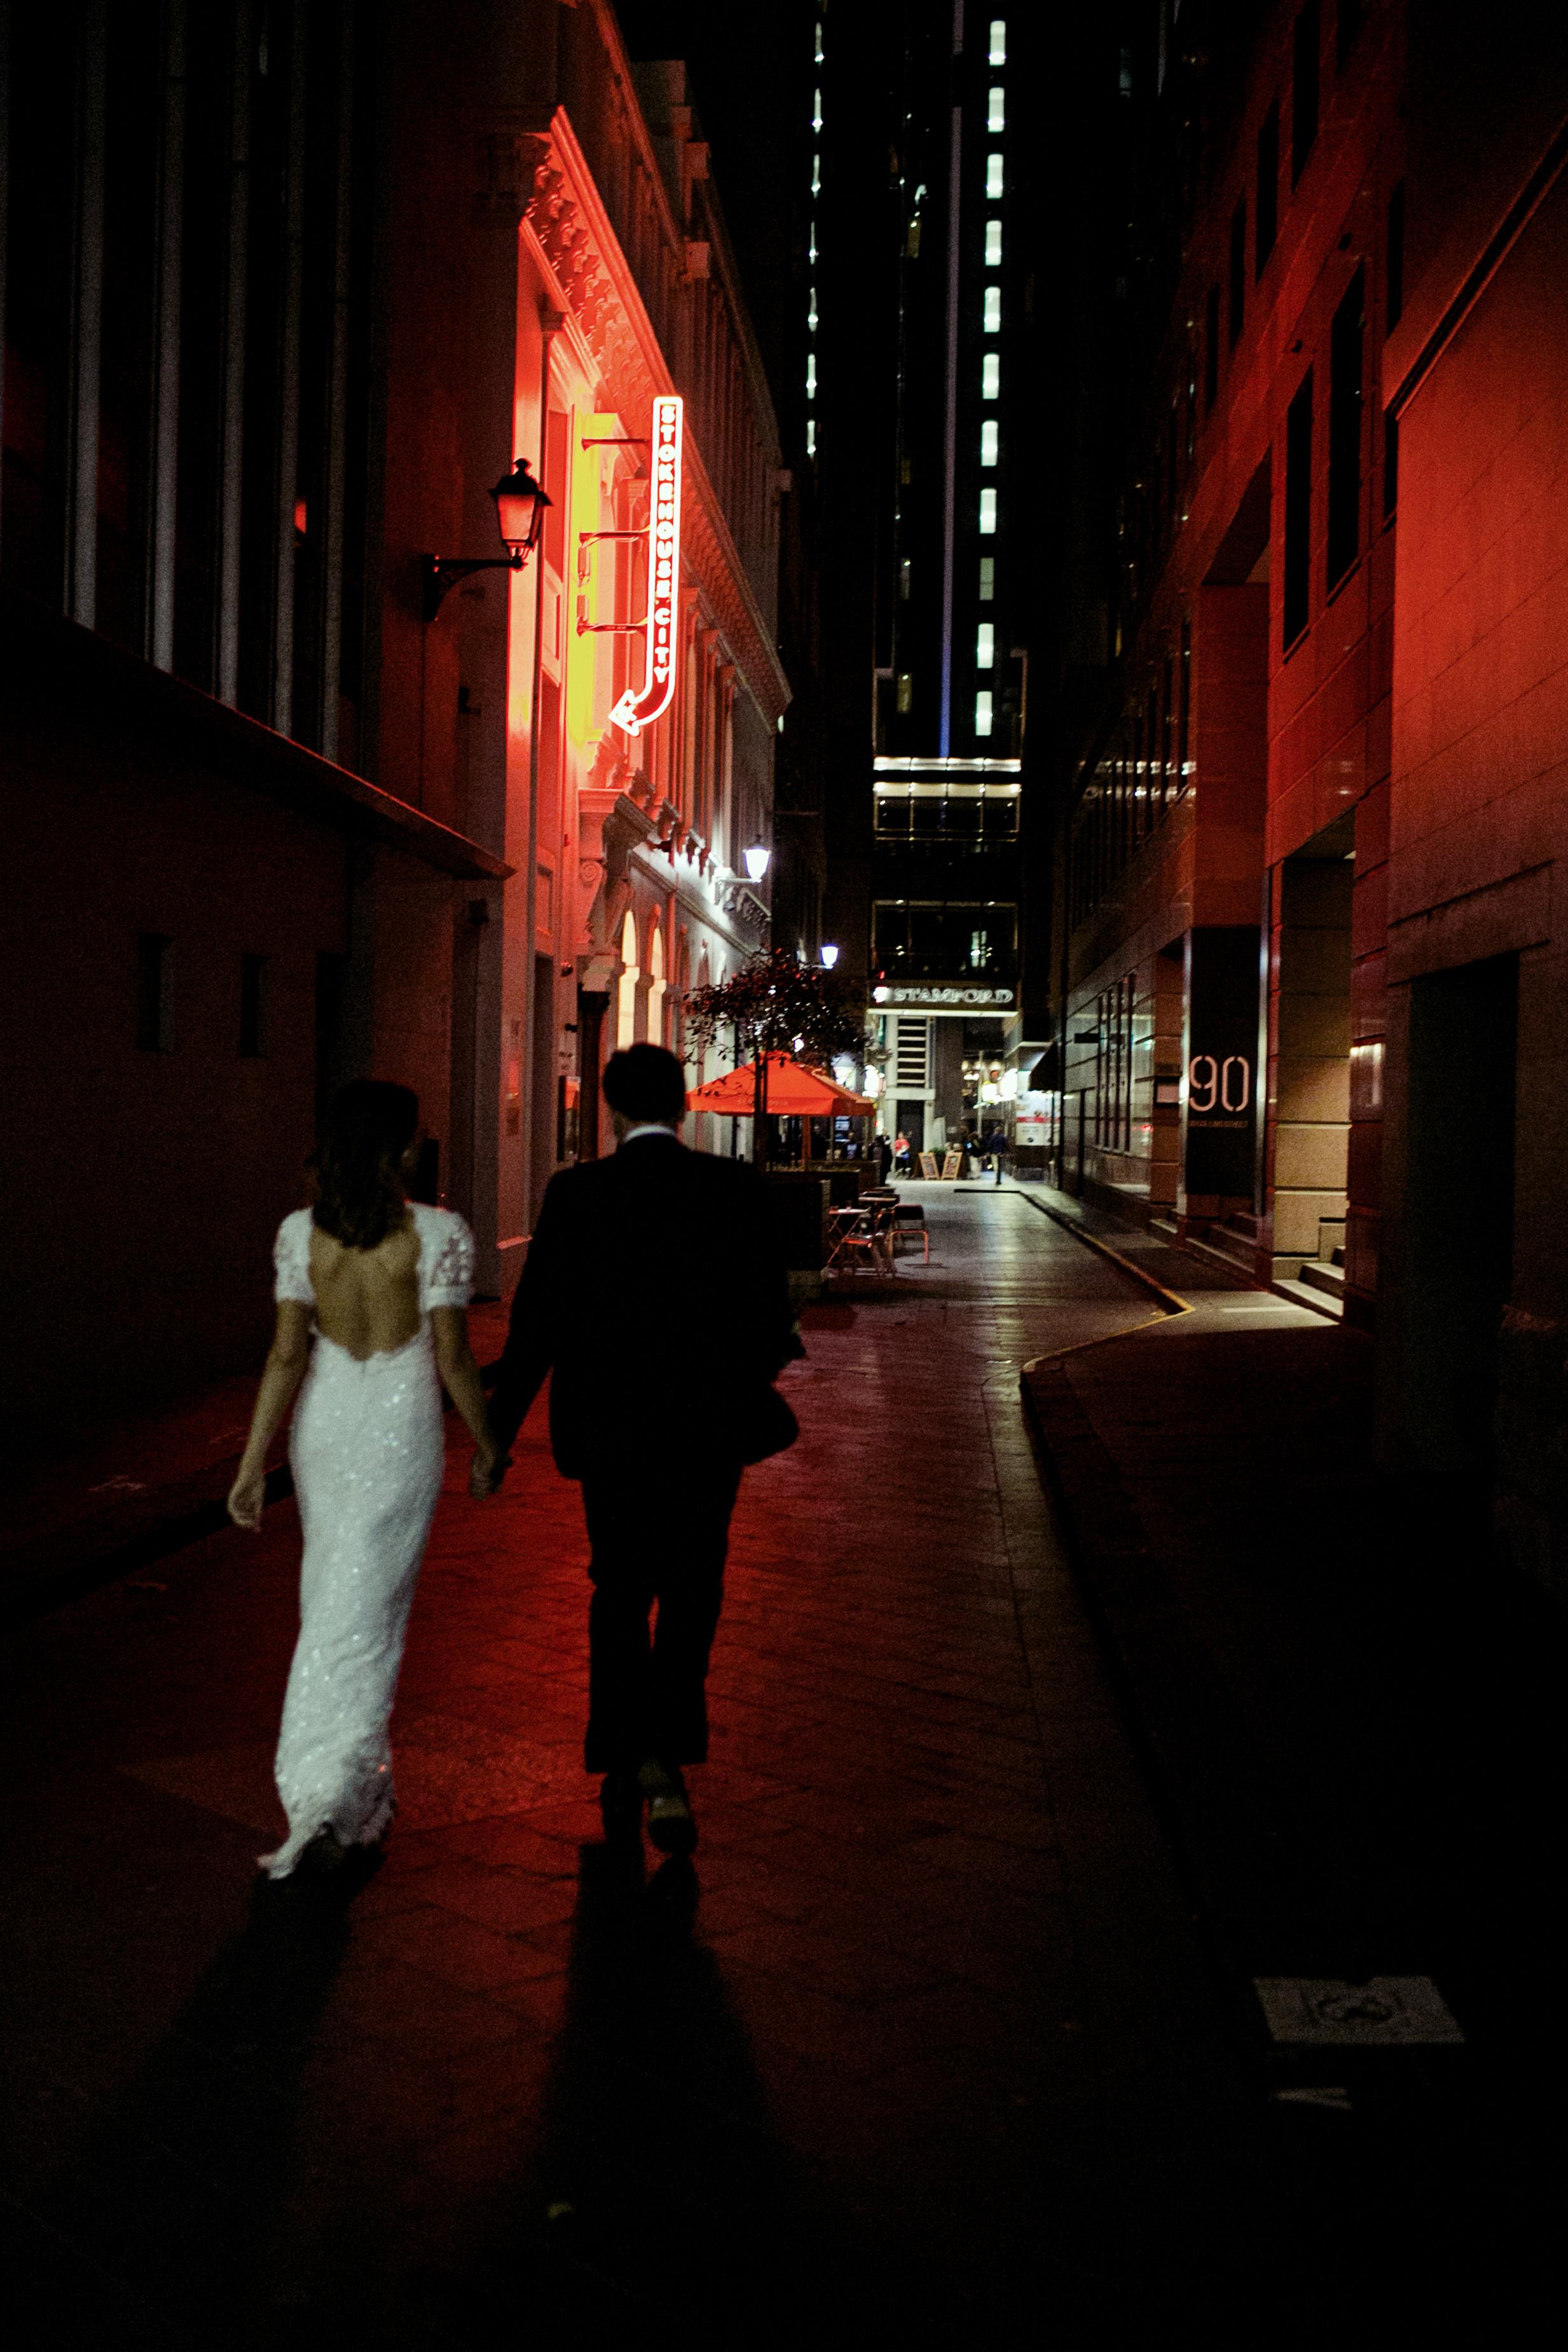 Sophie & Tom - Siglo, Melbourne